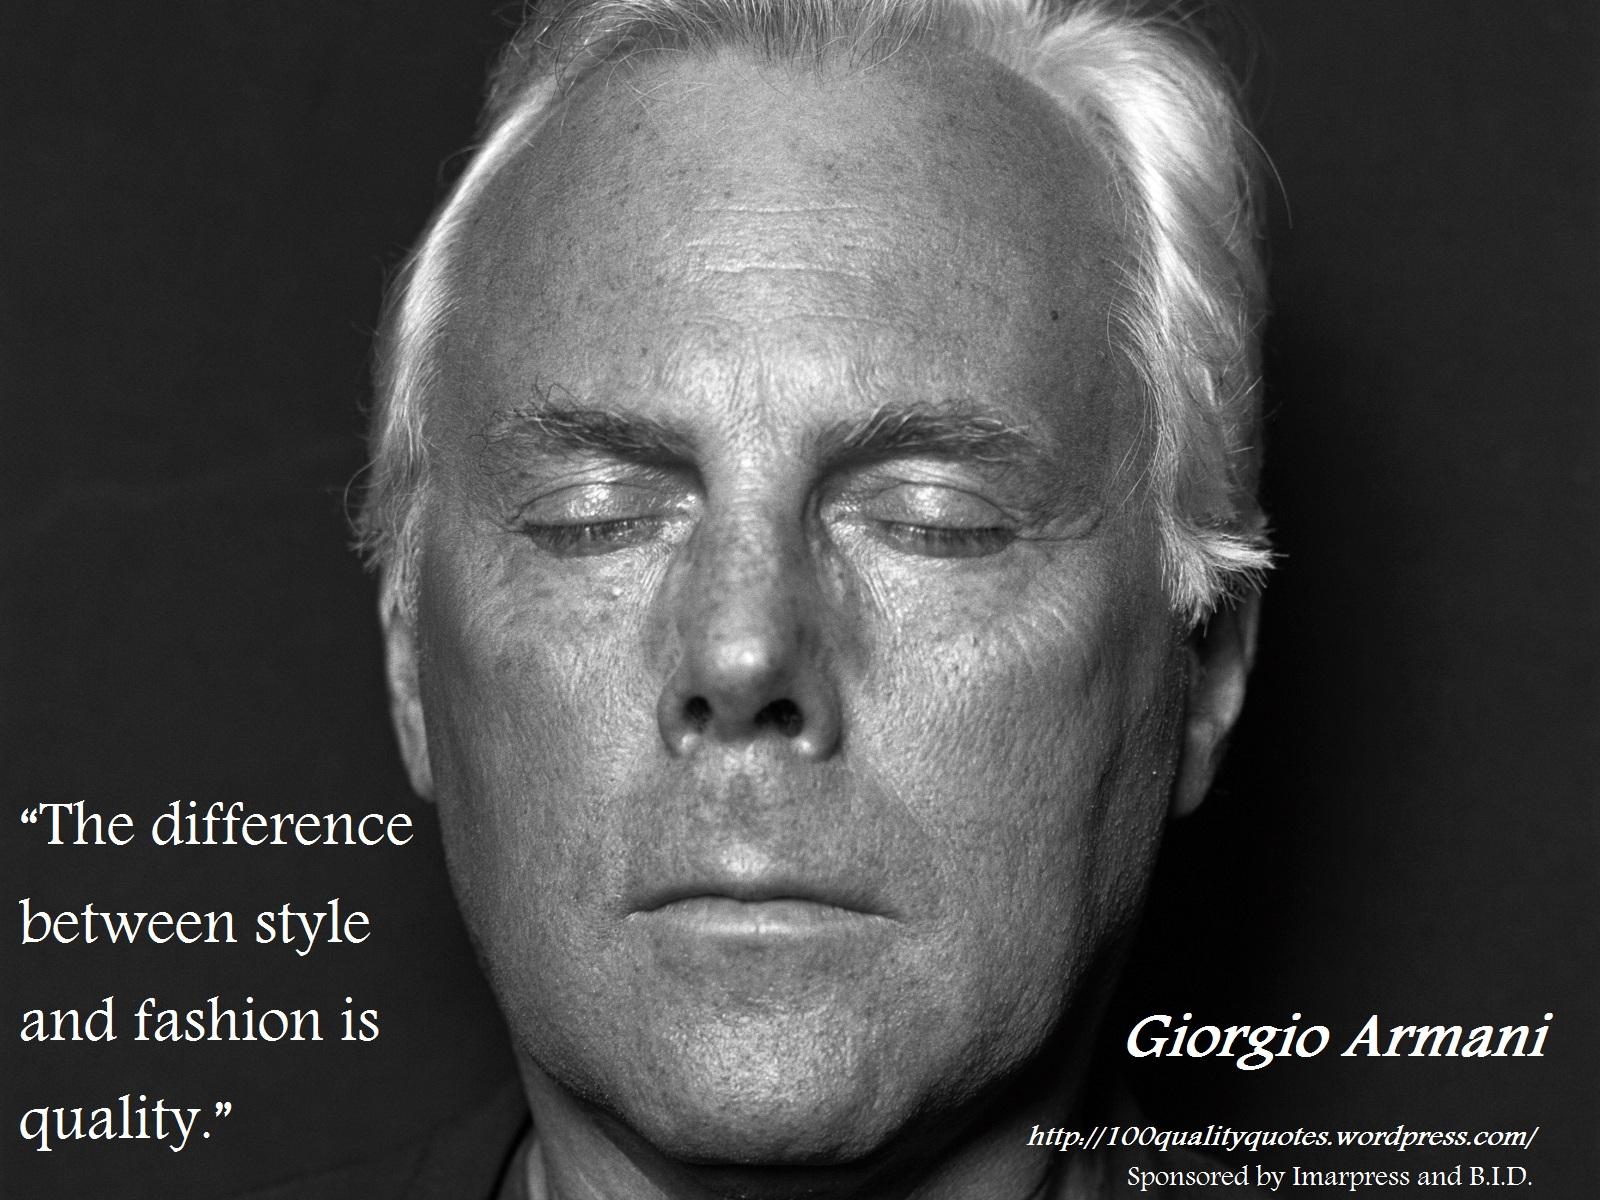 Giorgio Armani's quote #2